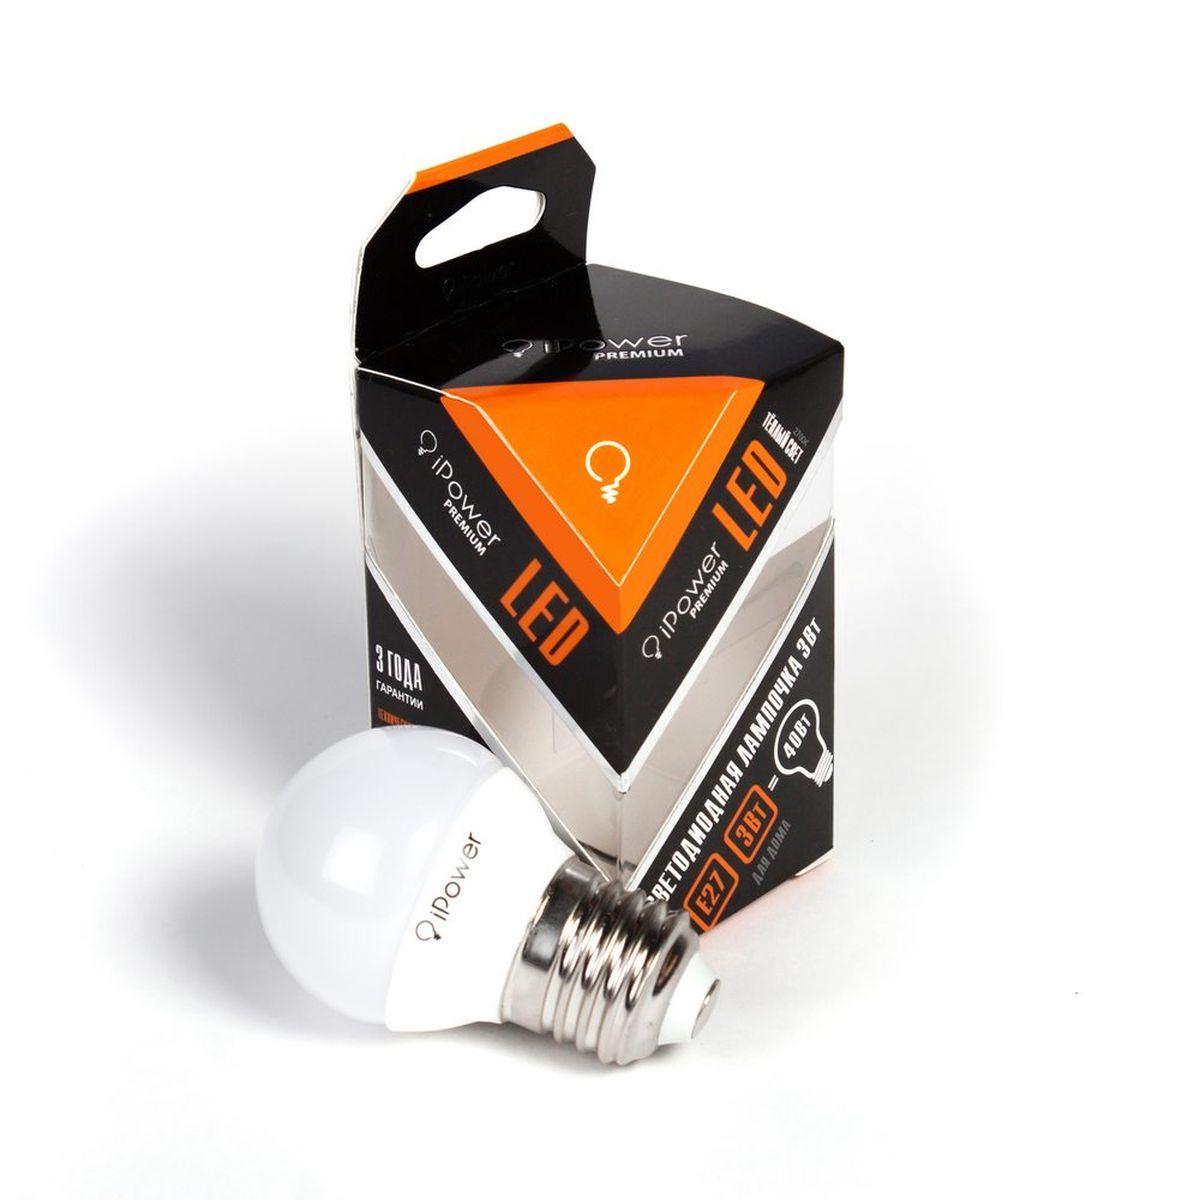 Лампа светодиодная iPower Premium, цоколь Е27, 3W, 2700КC0042415Светодиодная лампа iPower Premium имеет очень низкое энергопотребление. В сравнении с лампами накаливания LED потребляет в 12 разменьше электричества, а в сравнении с энергосберегающими - в 2-4 раза меньше. При этом срок службы LED лампочки в 5 раз выше, чемэнергосберегающей, и в 50 раз выше, чем у лампы накаливания. Светодиодная лампа iPower Premium создает мягкий рассеивающий свет безмерцаний, что совершенно безопасно для глаз. Она специально разработана по требованиям российских и европейских законов и подходит ковсем осветительным устройствам, совместимым со стандартным цоколем E27. Использование светодиодов от мирового лидера Epistar - этозалог надежной и стабильной работы лампы. Теплый оттенок света лампы по световой температуре соответствует обычной лампе накаливания ипозволит создать уют в доме и местах отдыха.Диапазон рабочих температур от -50°С до +50 °СМатериал: алюминий, поликарбонат.Потребляемая мощность: 3 Вт.Рабочее напряжение: 220В.Световая температура: 2700К (теплый свет).Срок службы: 50000 часов.Форма: стандарт.Цоколь: стандарт (E27).Эквивалент мощности лампы накаливания: 40 Вт.Яркость свечения: 250 Лм.